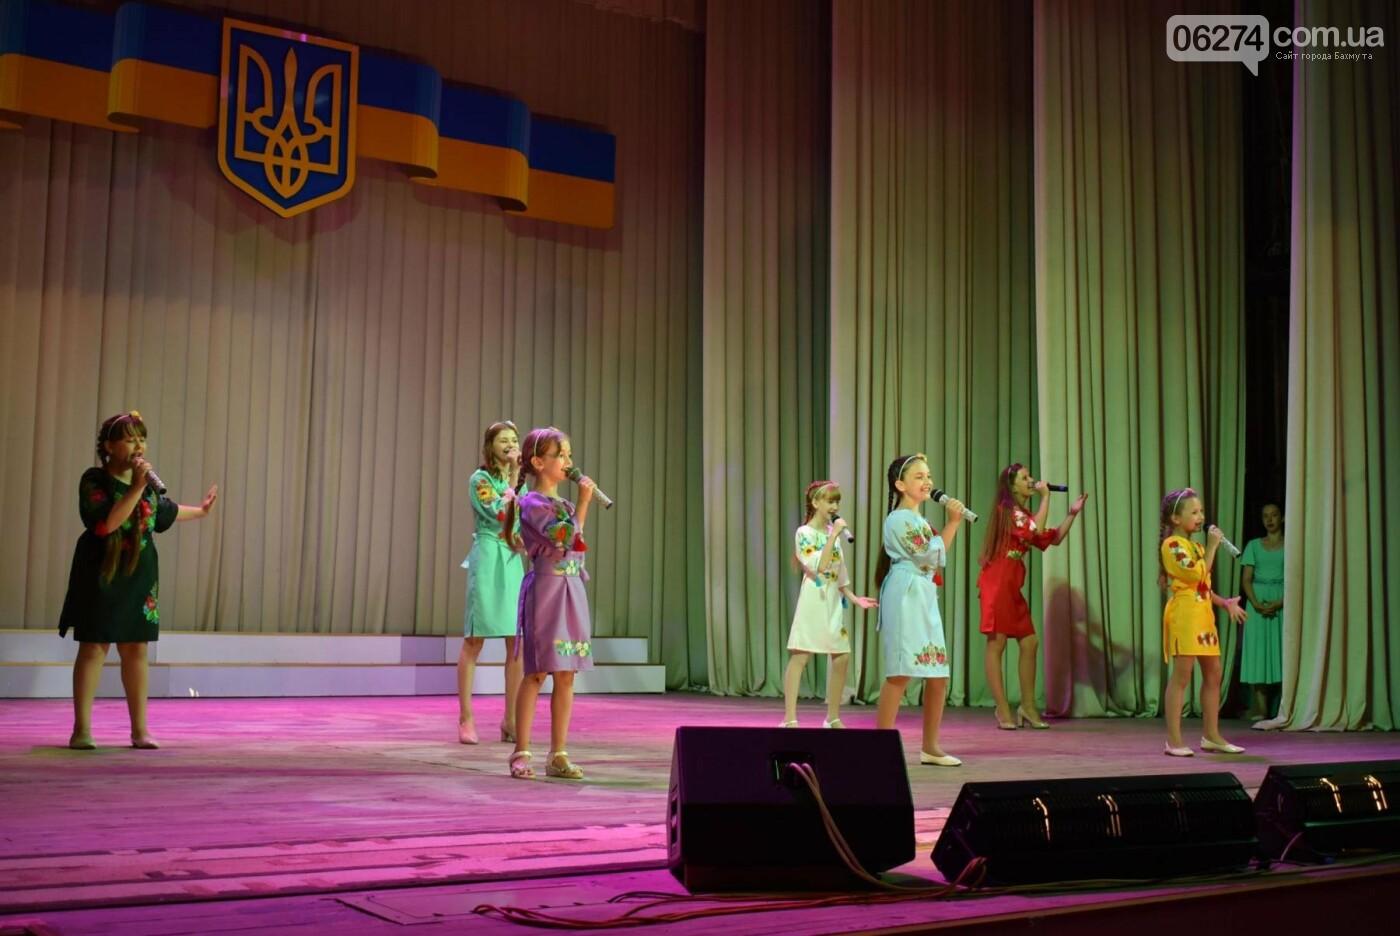 В Бахмуте прошло торжественное собрание по случаю Дня Конституции Украины, фото-4